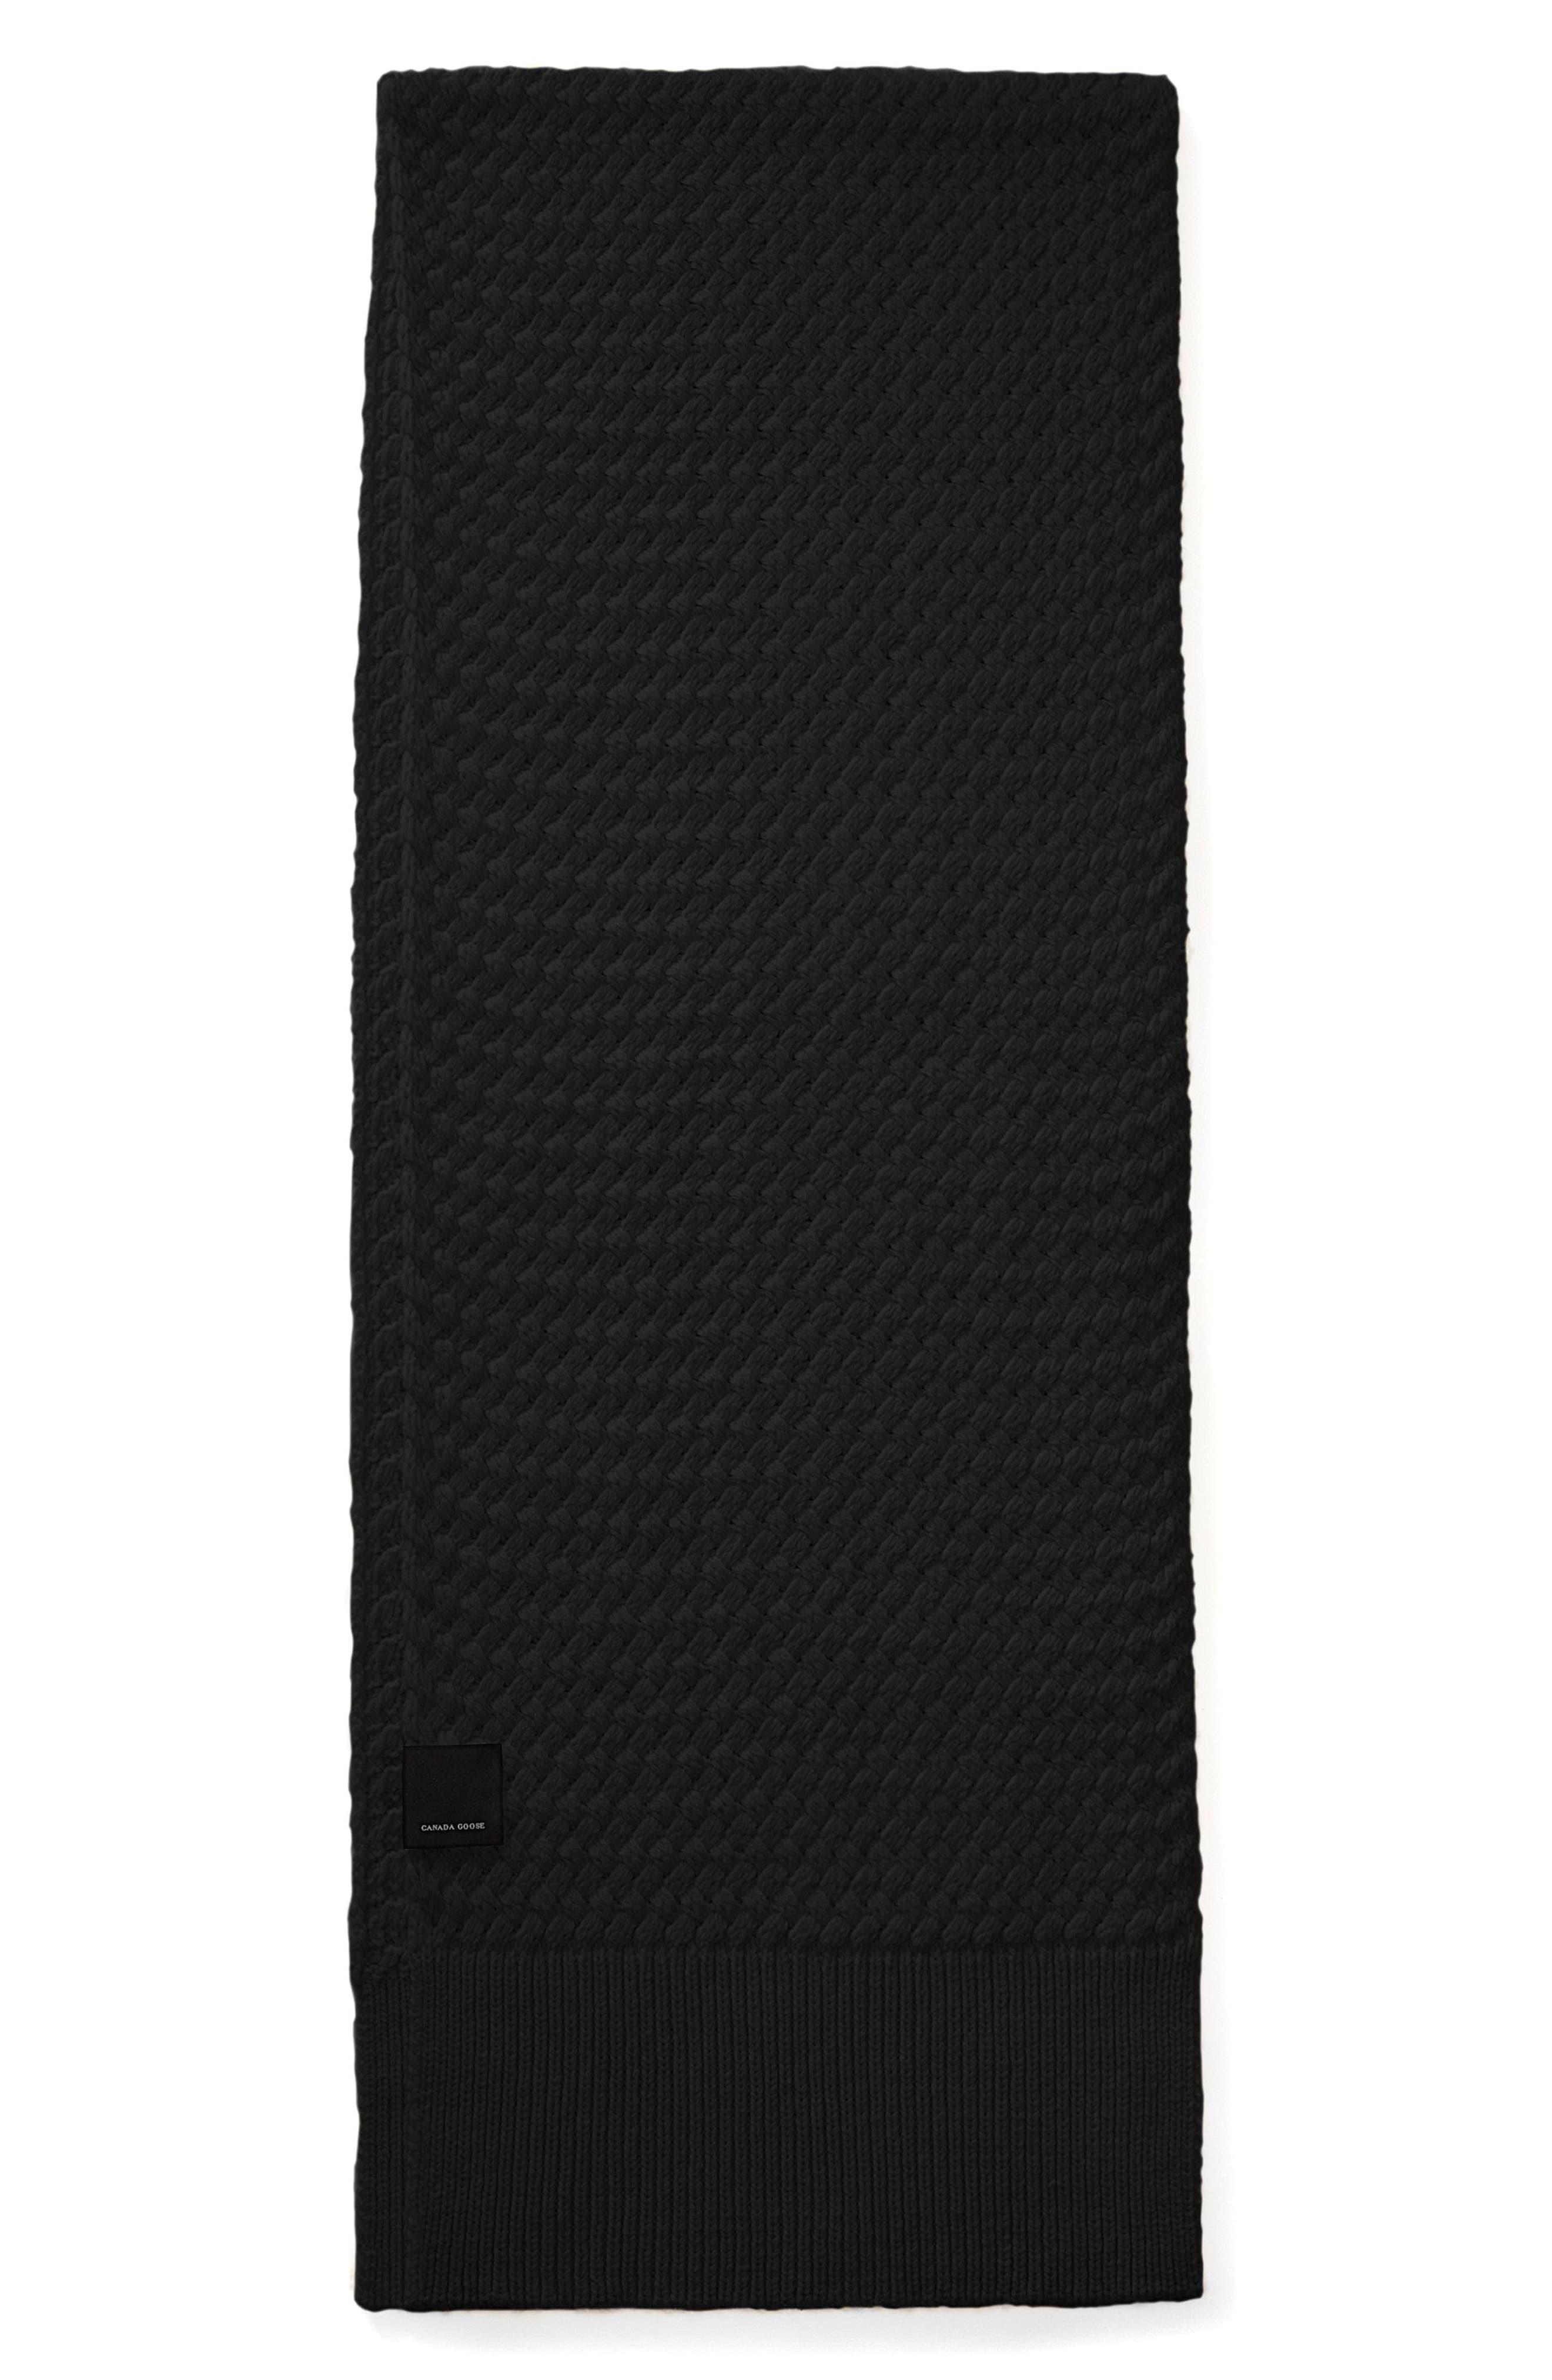 Basket Weave Merino Wool Scarf,                         Main,                         color, BLACK